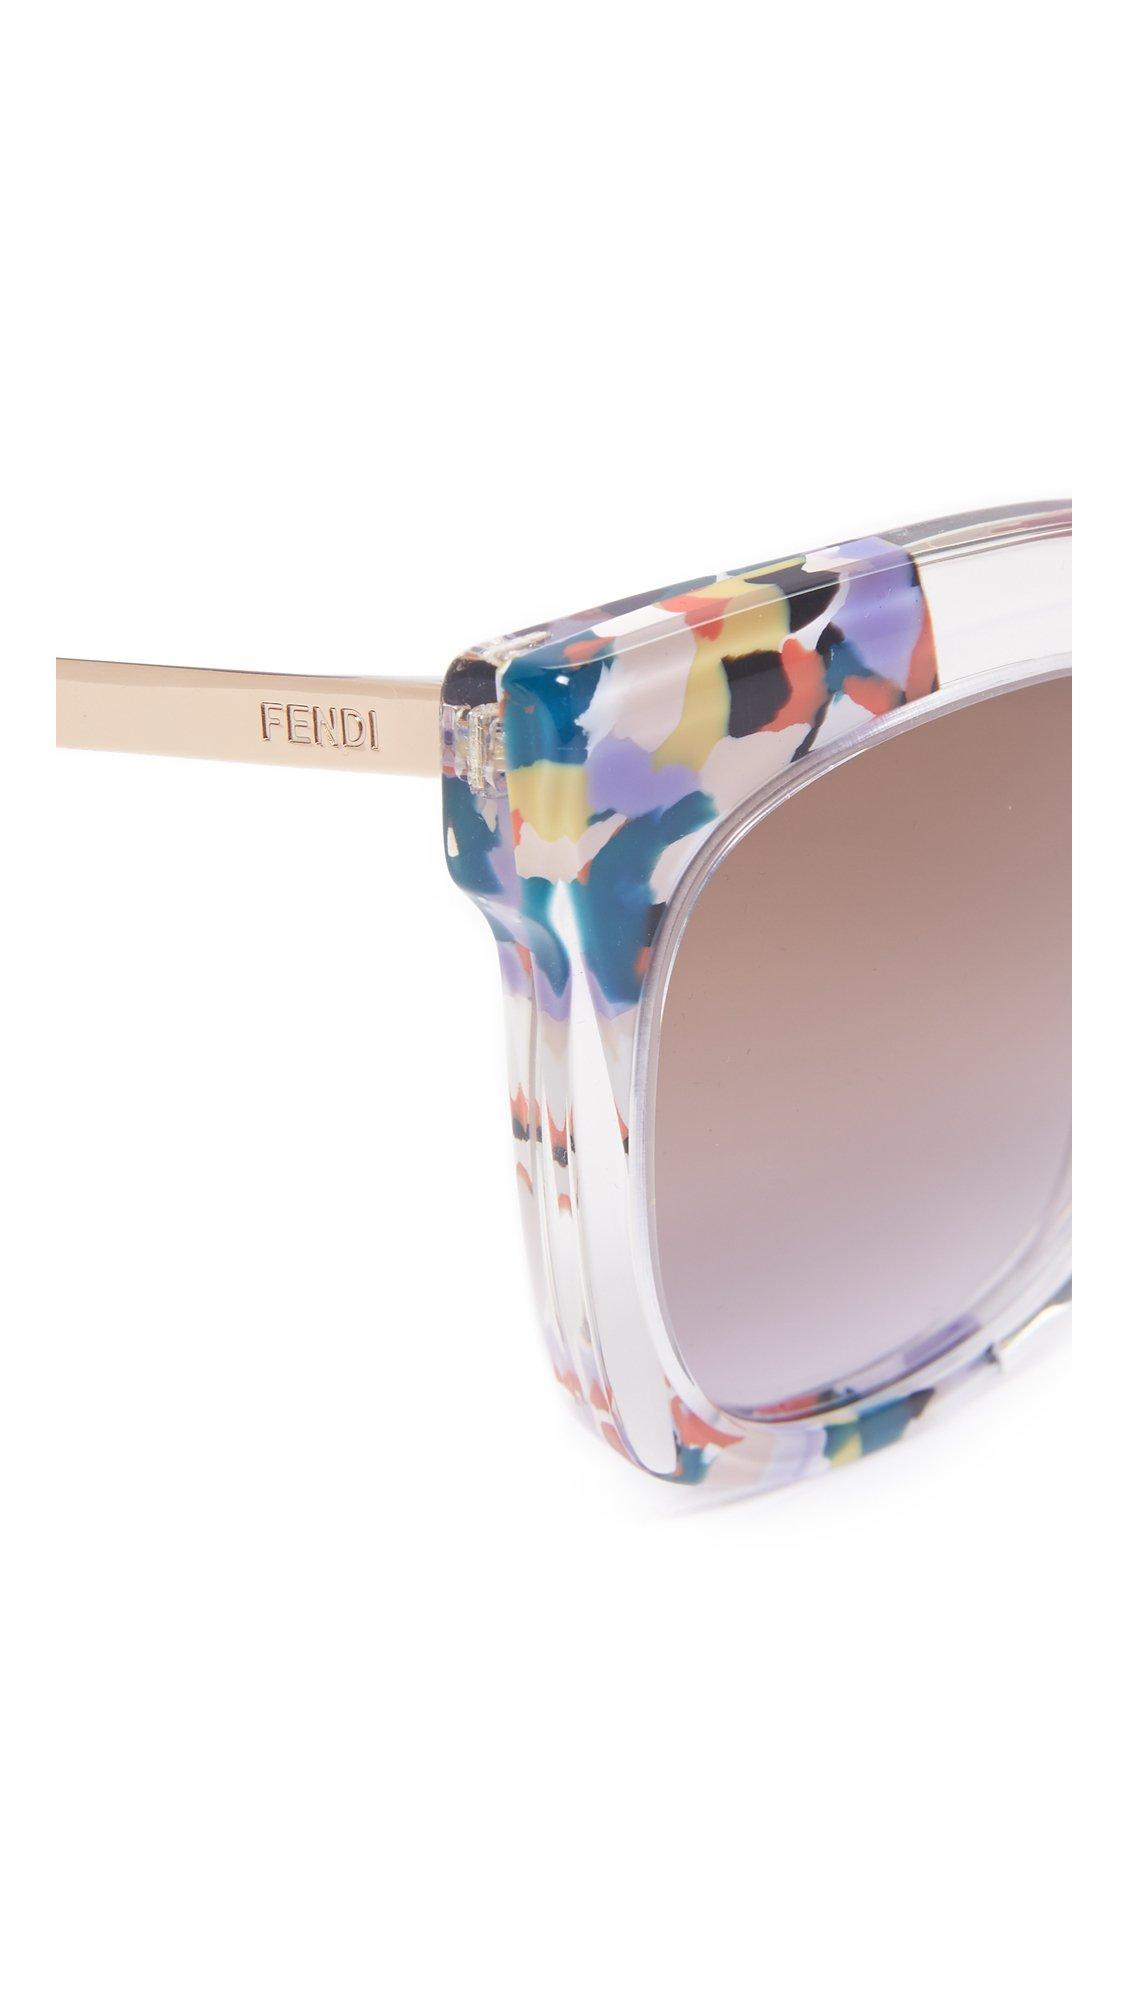 2da627d2290b8 Fendi Jungle Printed Sunglasses - Lyst